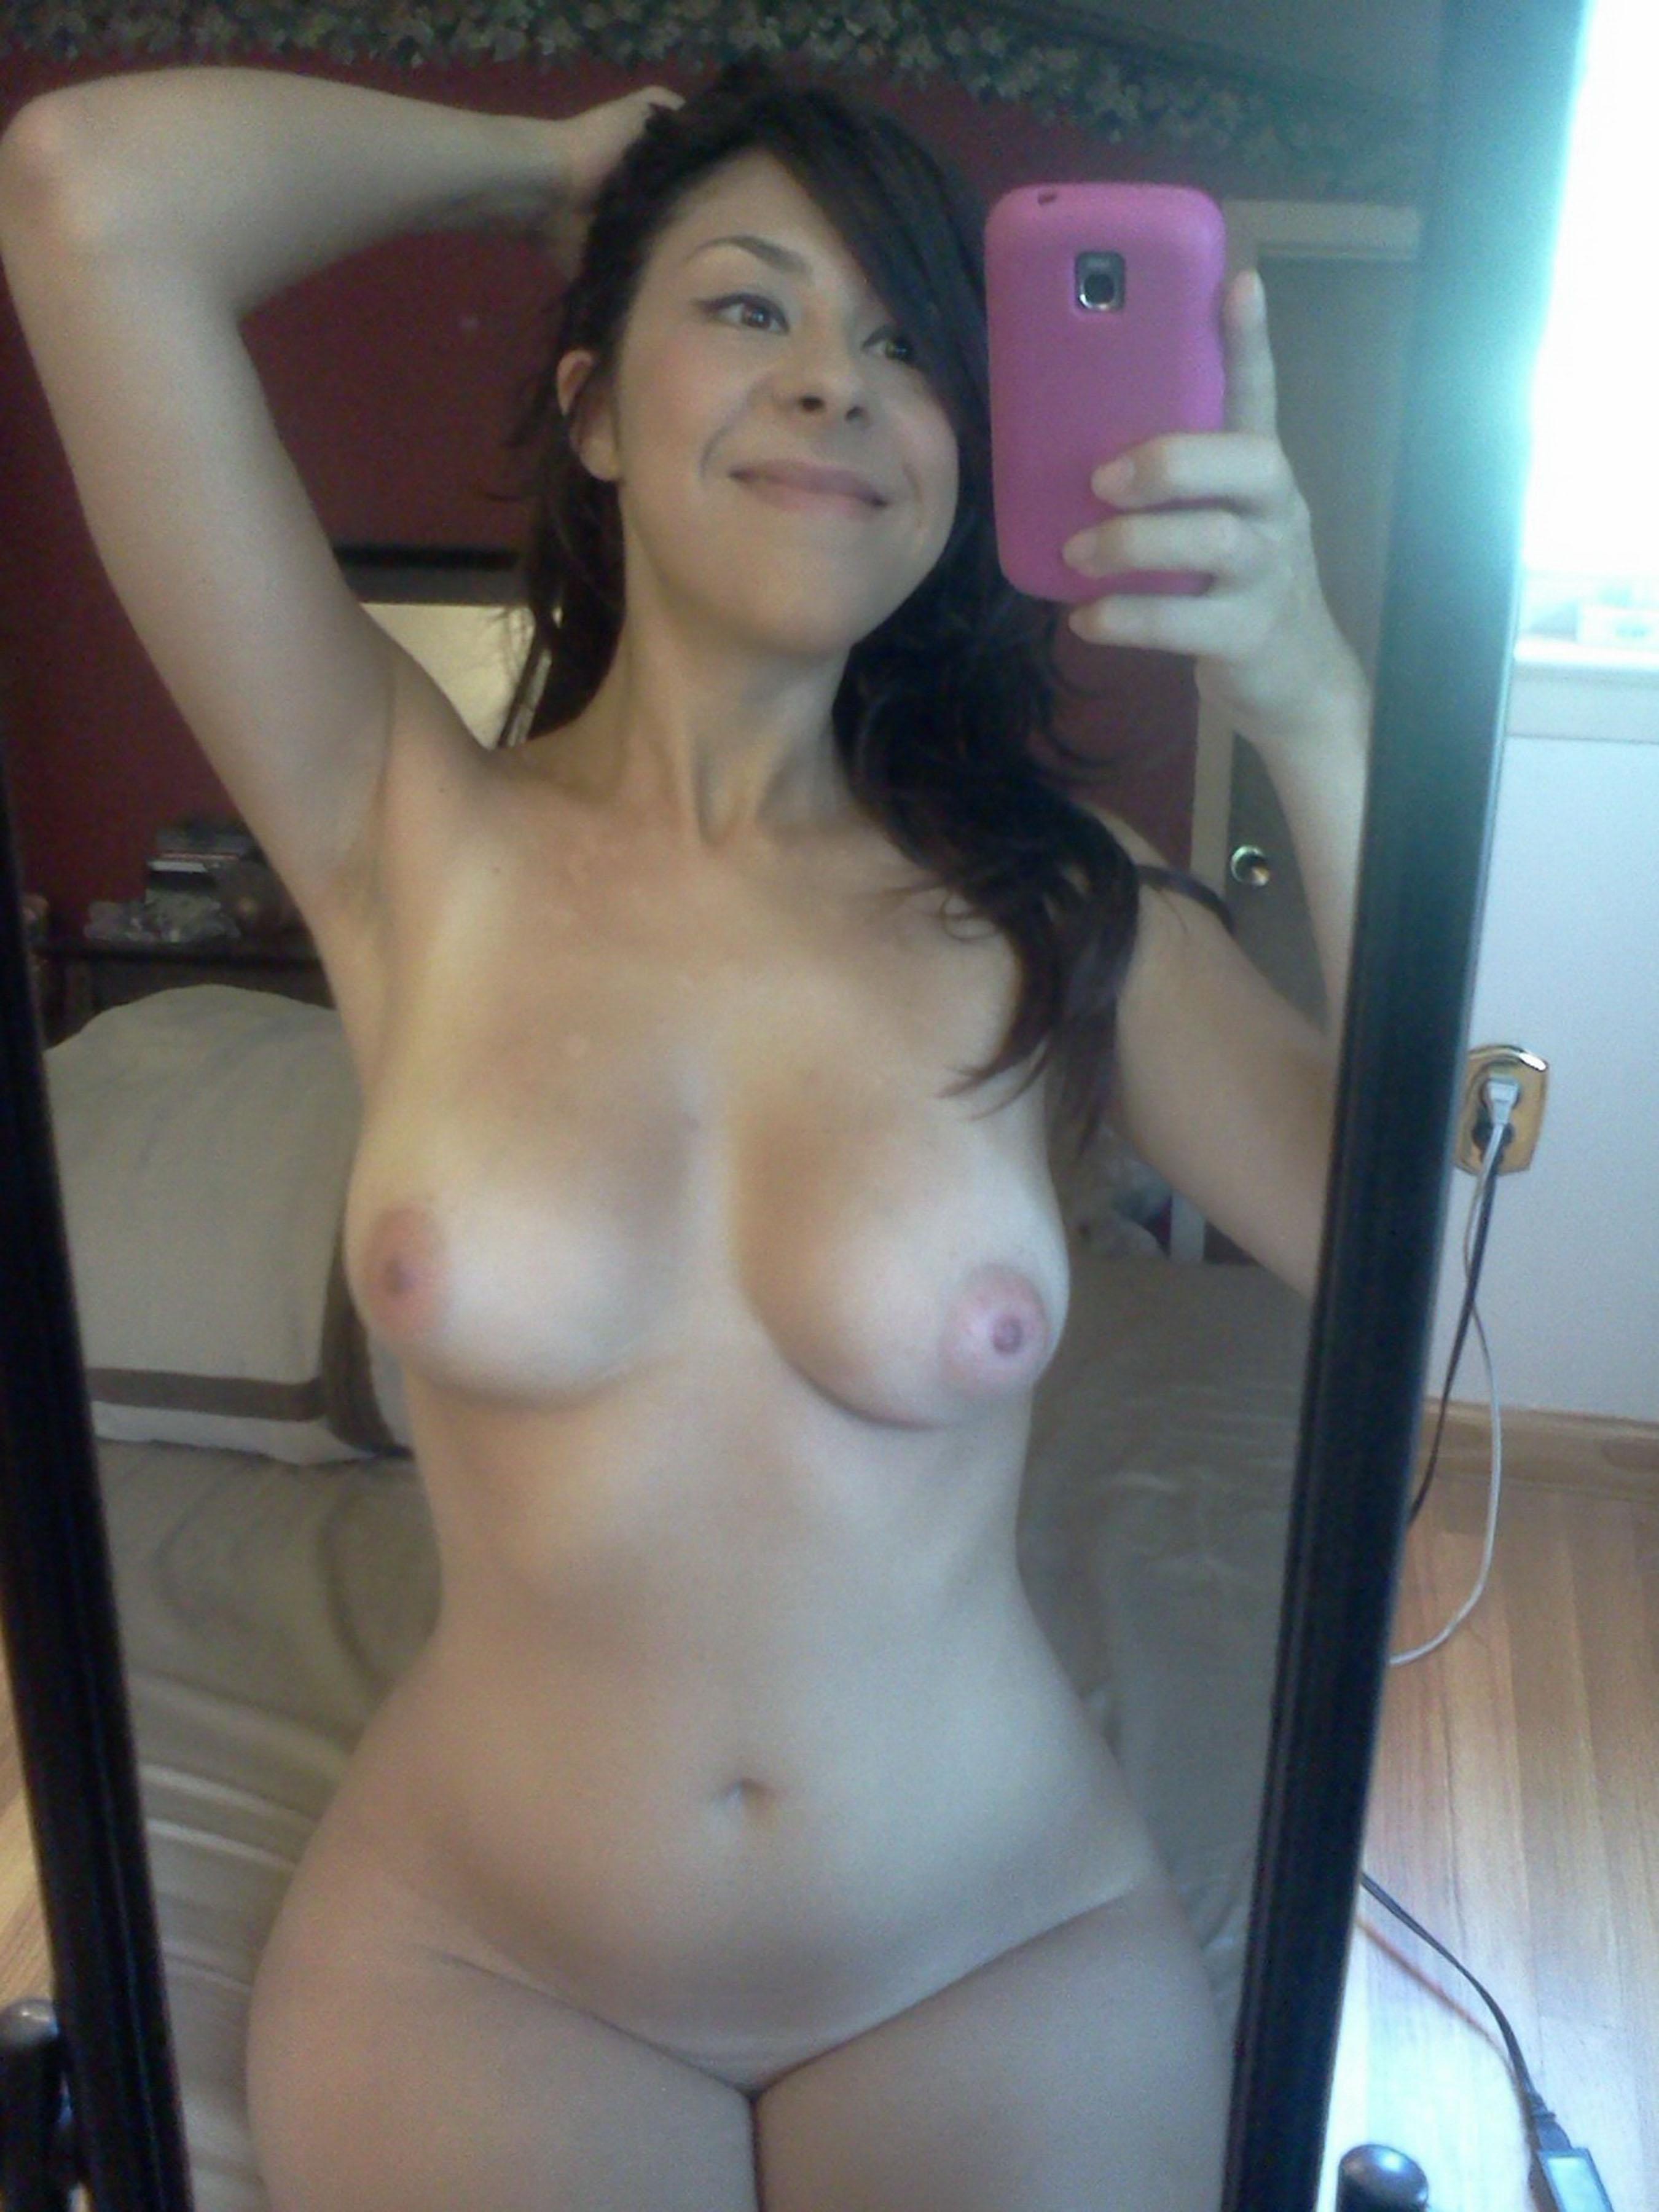 Chicas calientes fotos desnudas